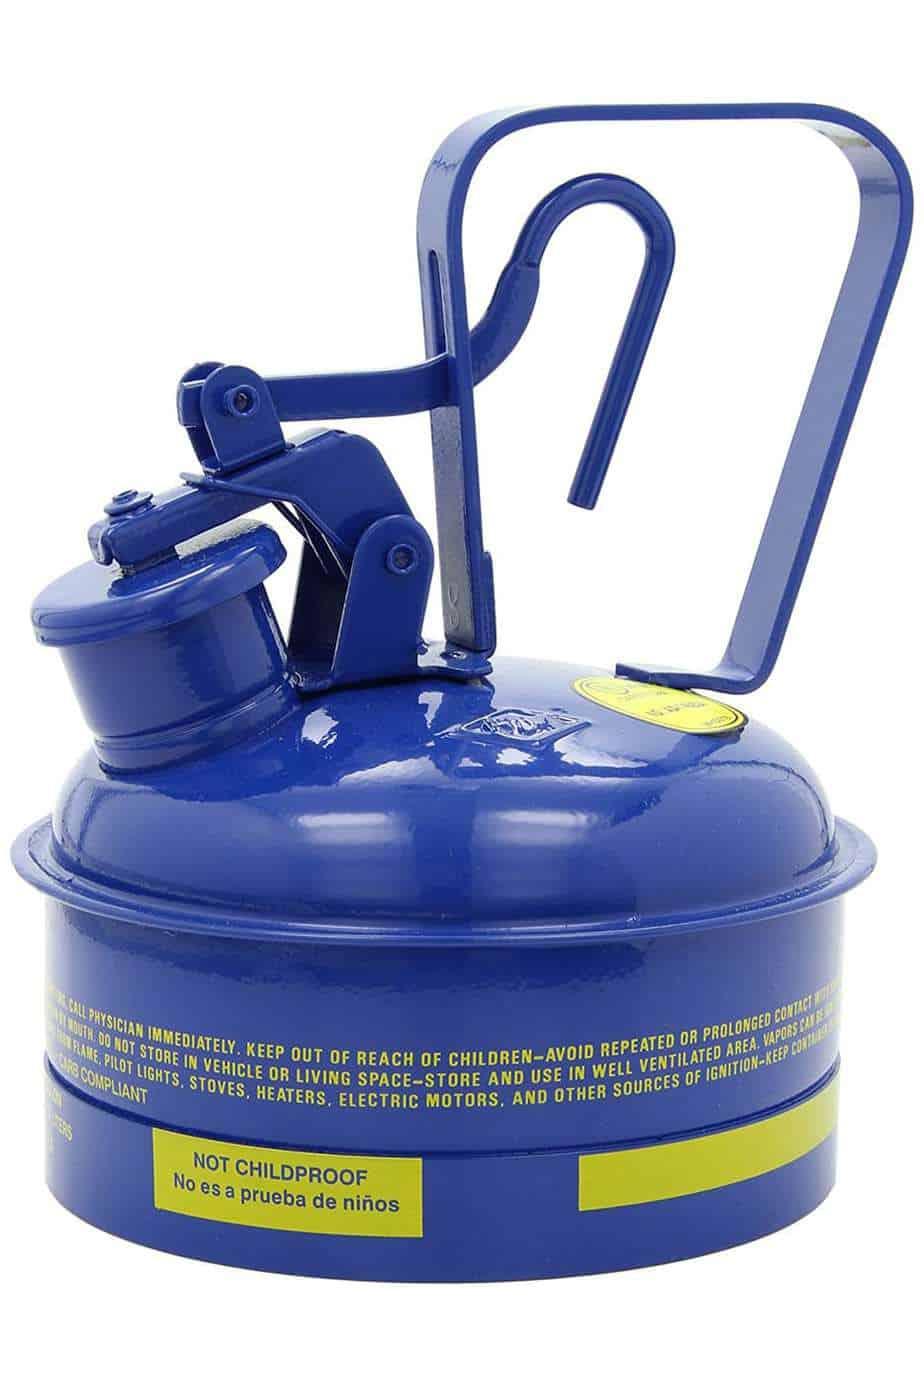 Storing Kerosene for Emergency Purposes - Knife Up